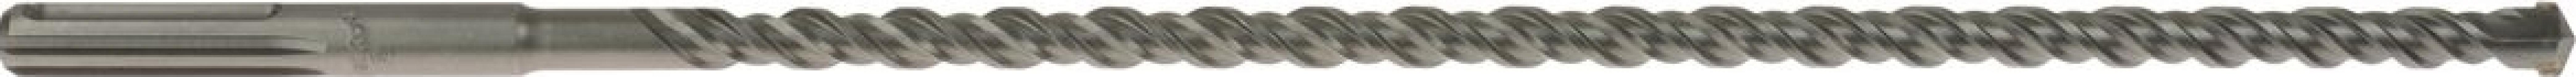 Burghiu pentru beton SDS MAX 18/600mm Geko G41860 Accesorii masini de gaurit